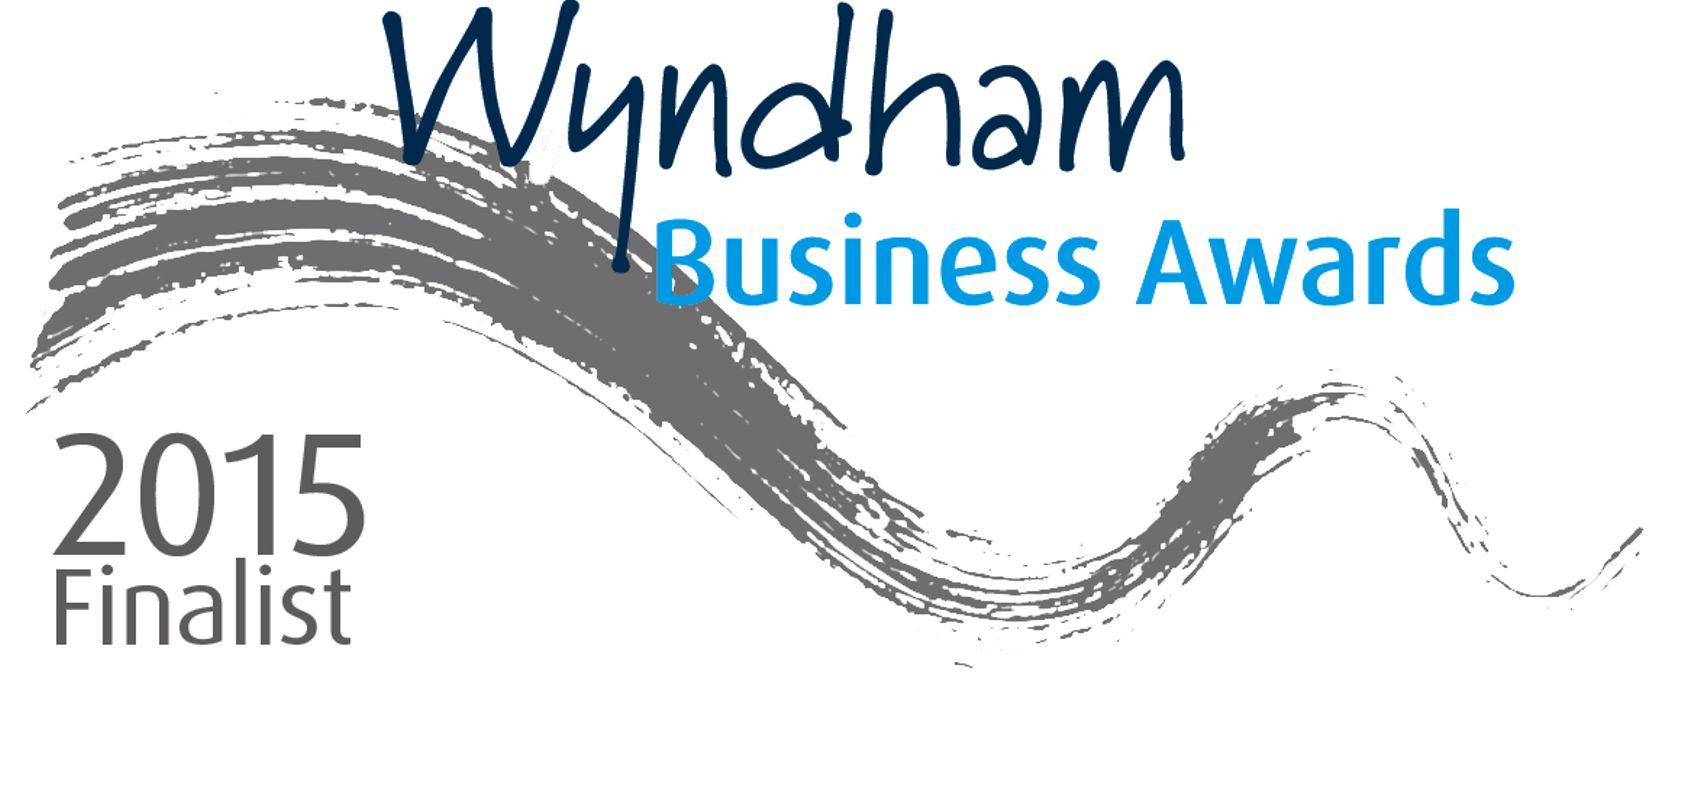 Wyndham Business Awards Logo 2015